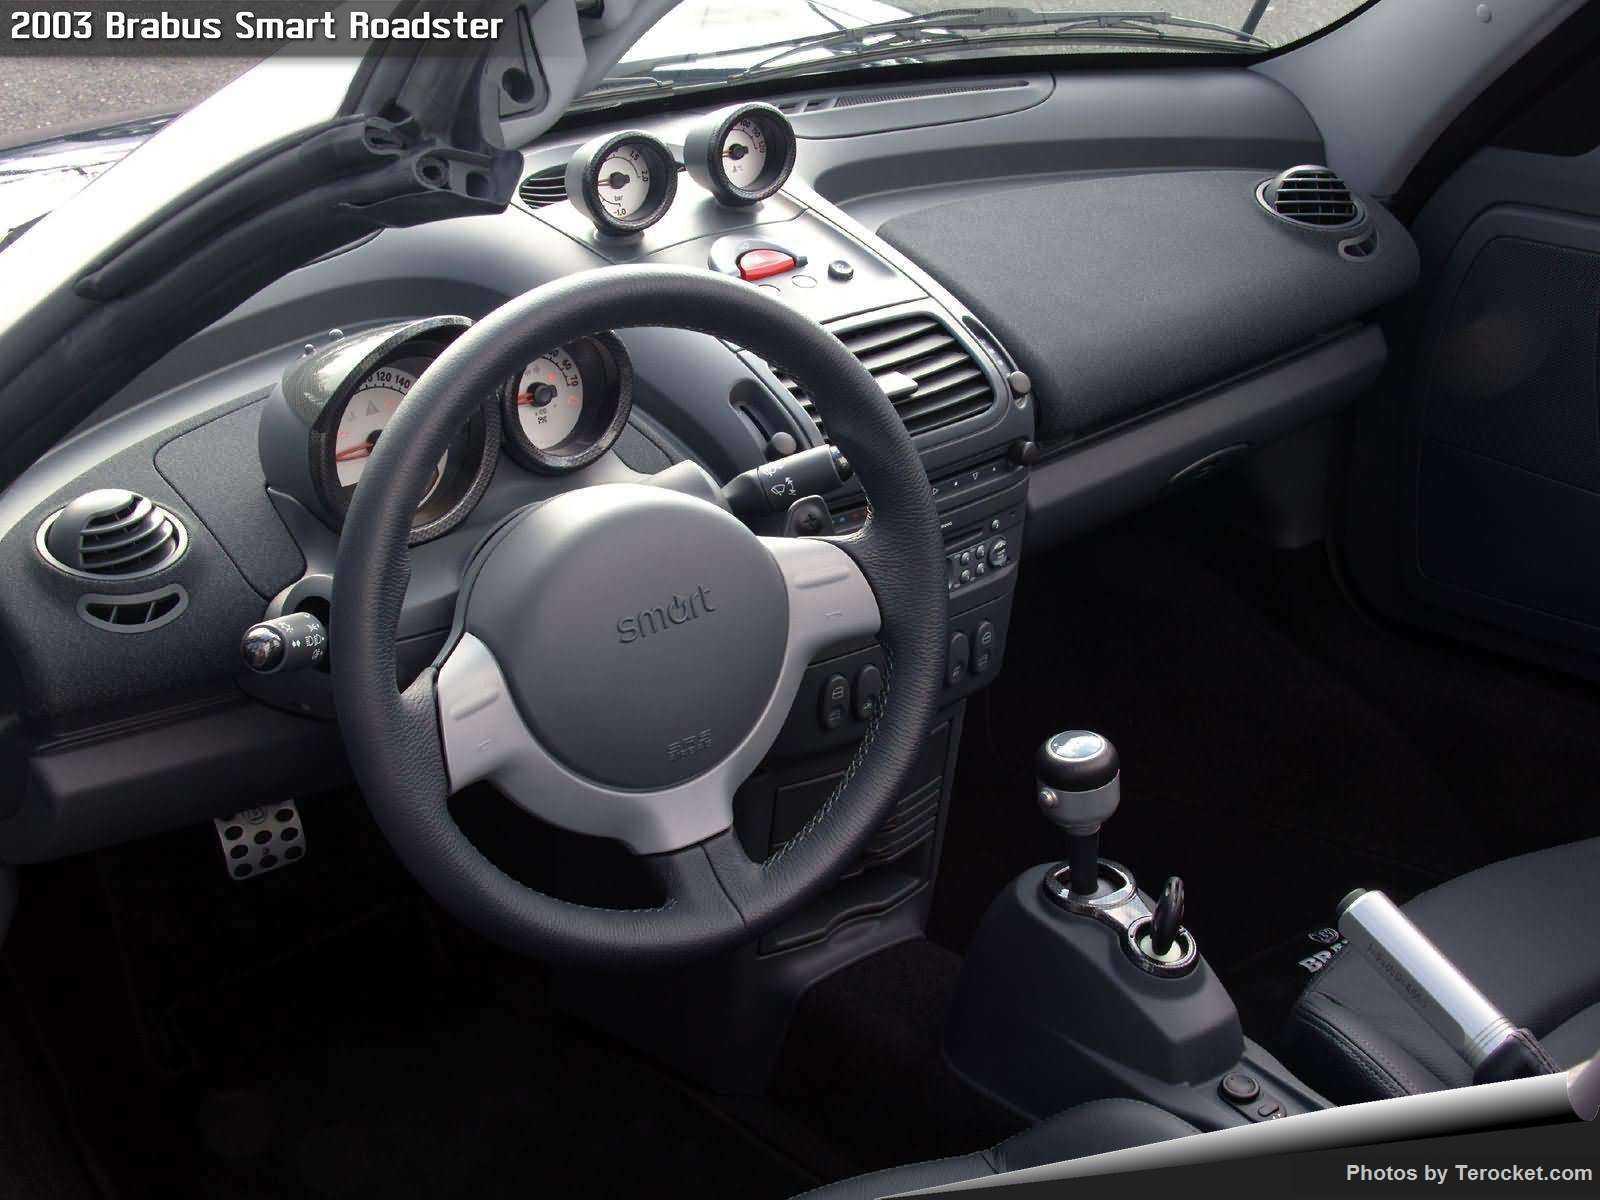 Hình ảnh xe ô tô Brabus Smart Roadster 2003 & nội ngoại thất